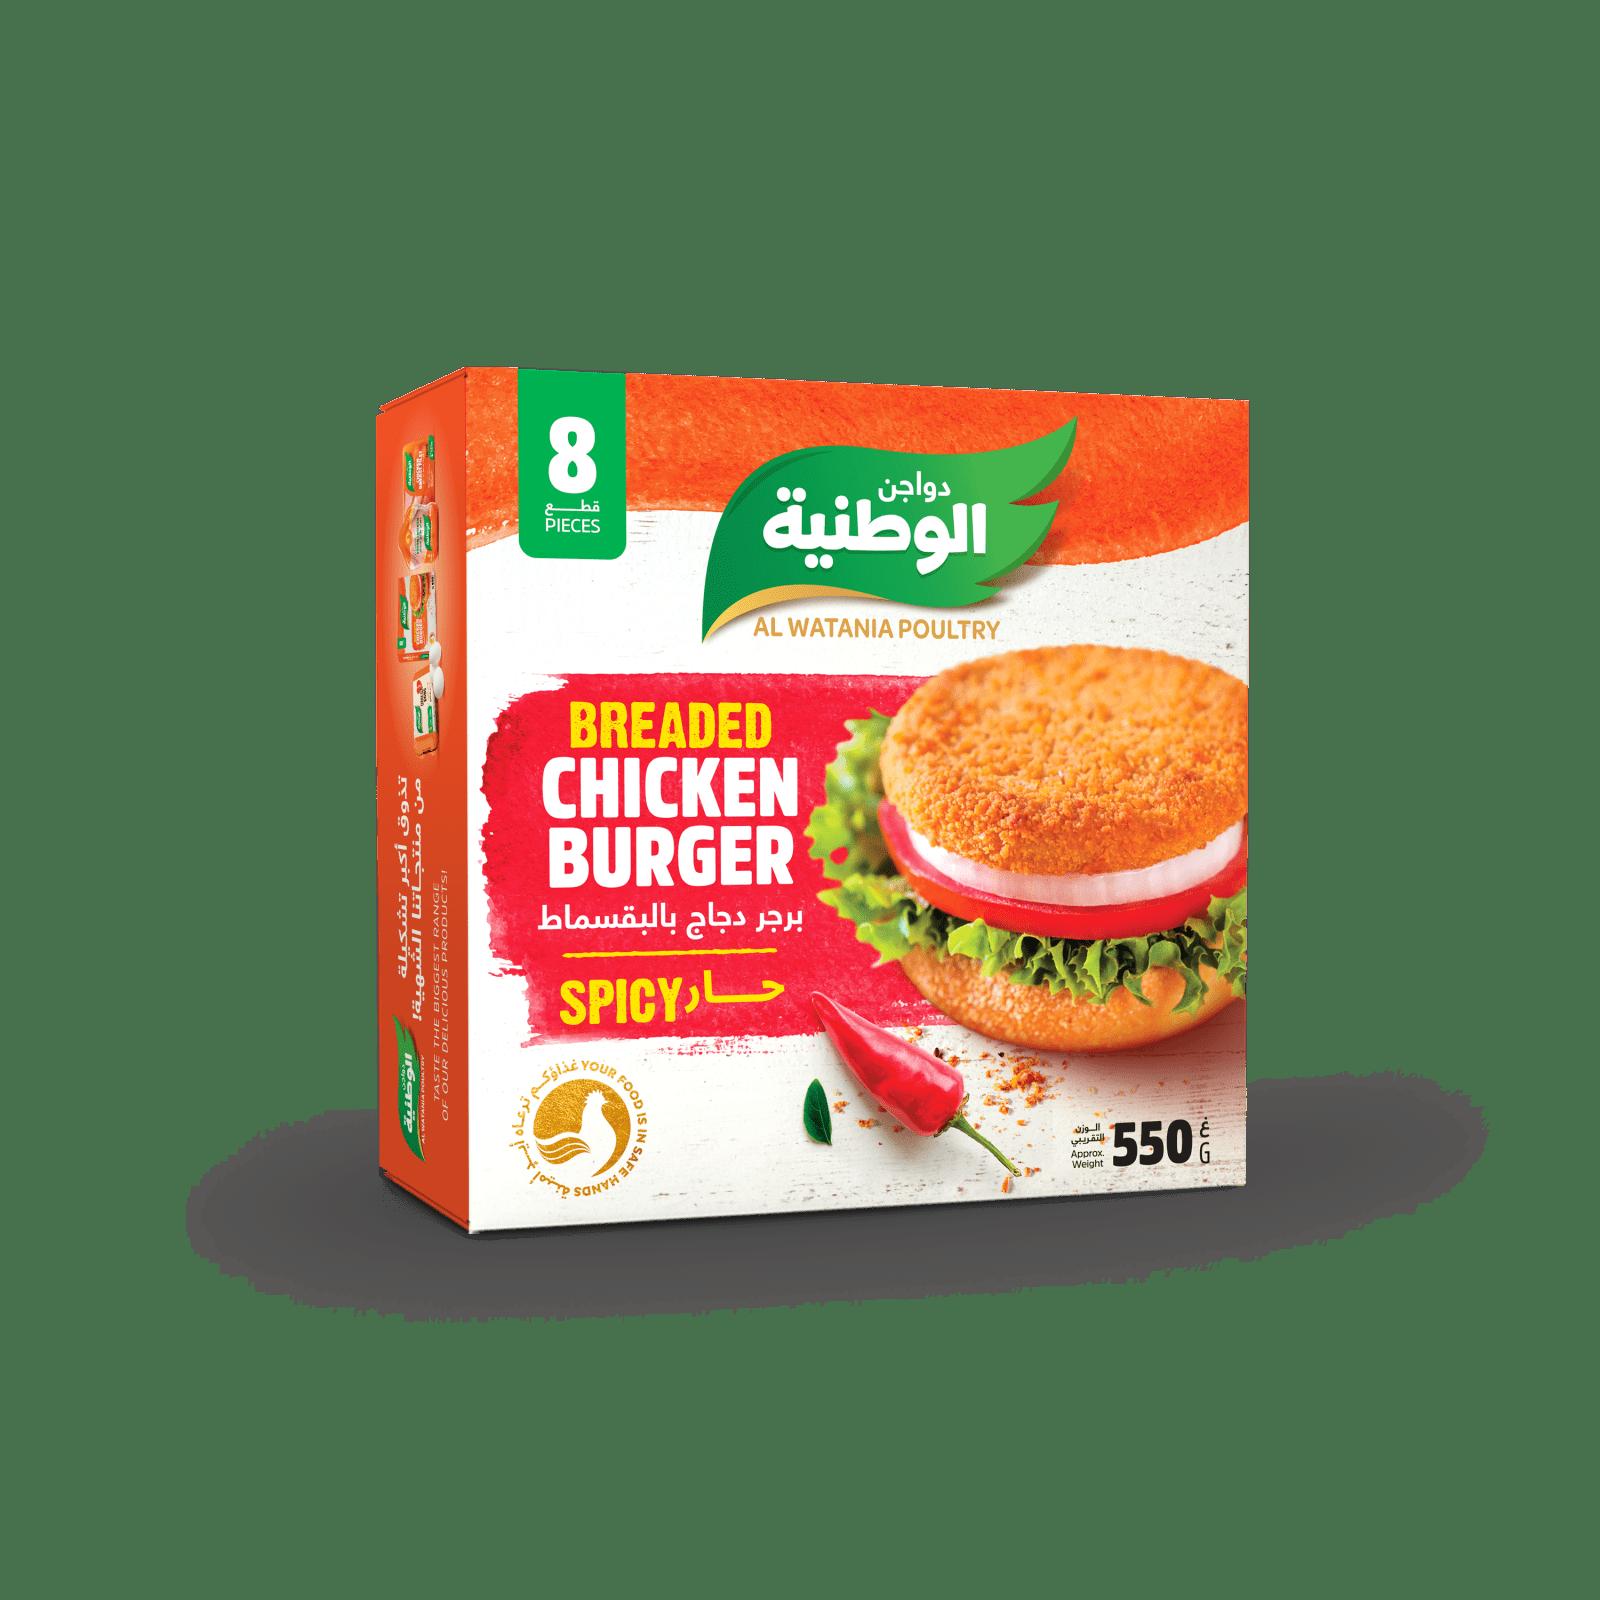 برجر دجاج بالبقسماط حار دواجن الوطنية